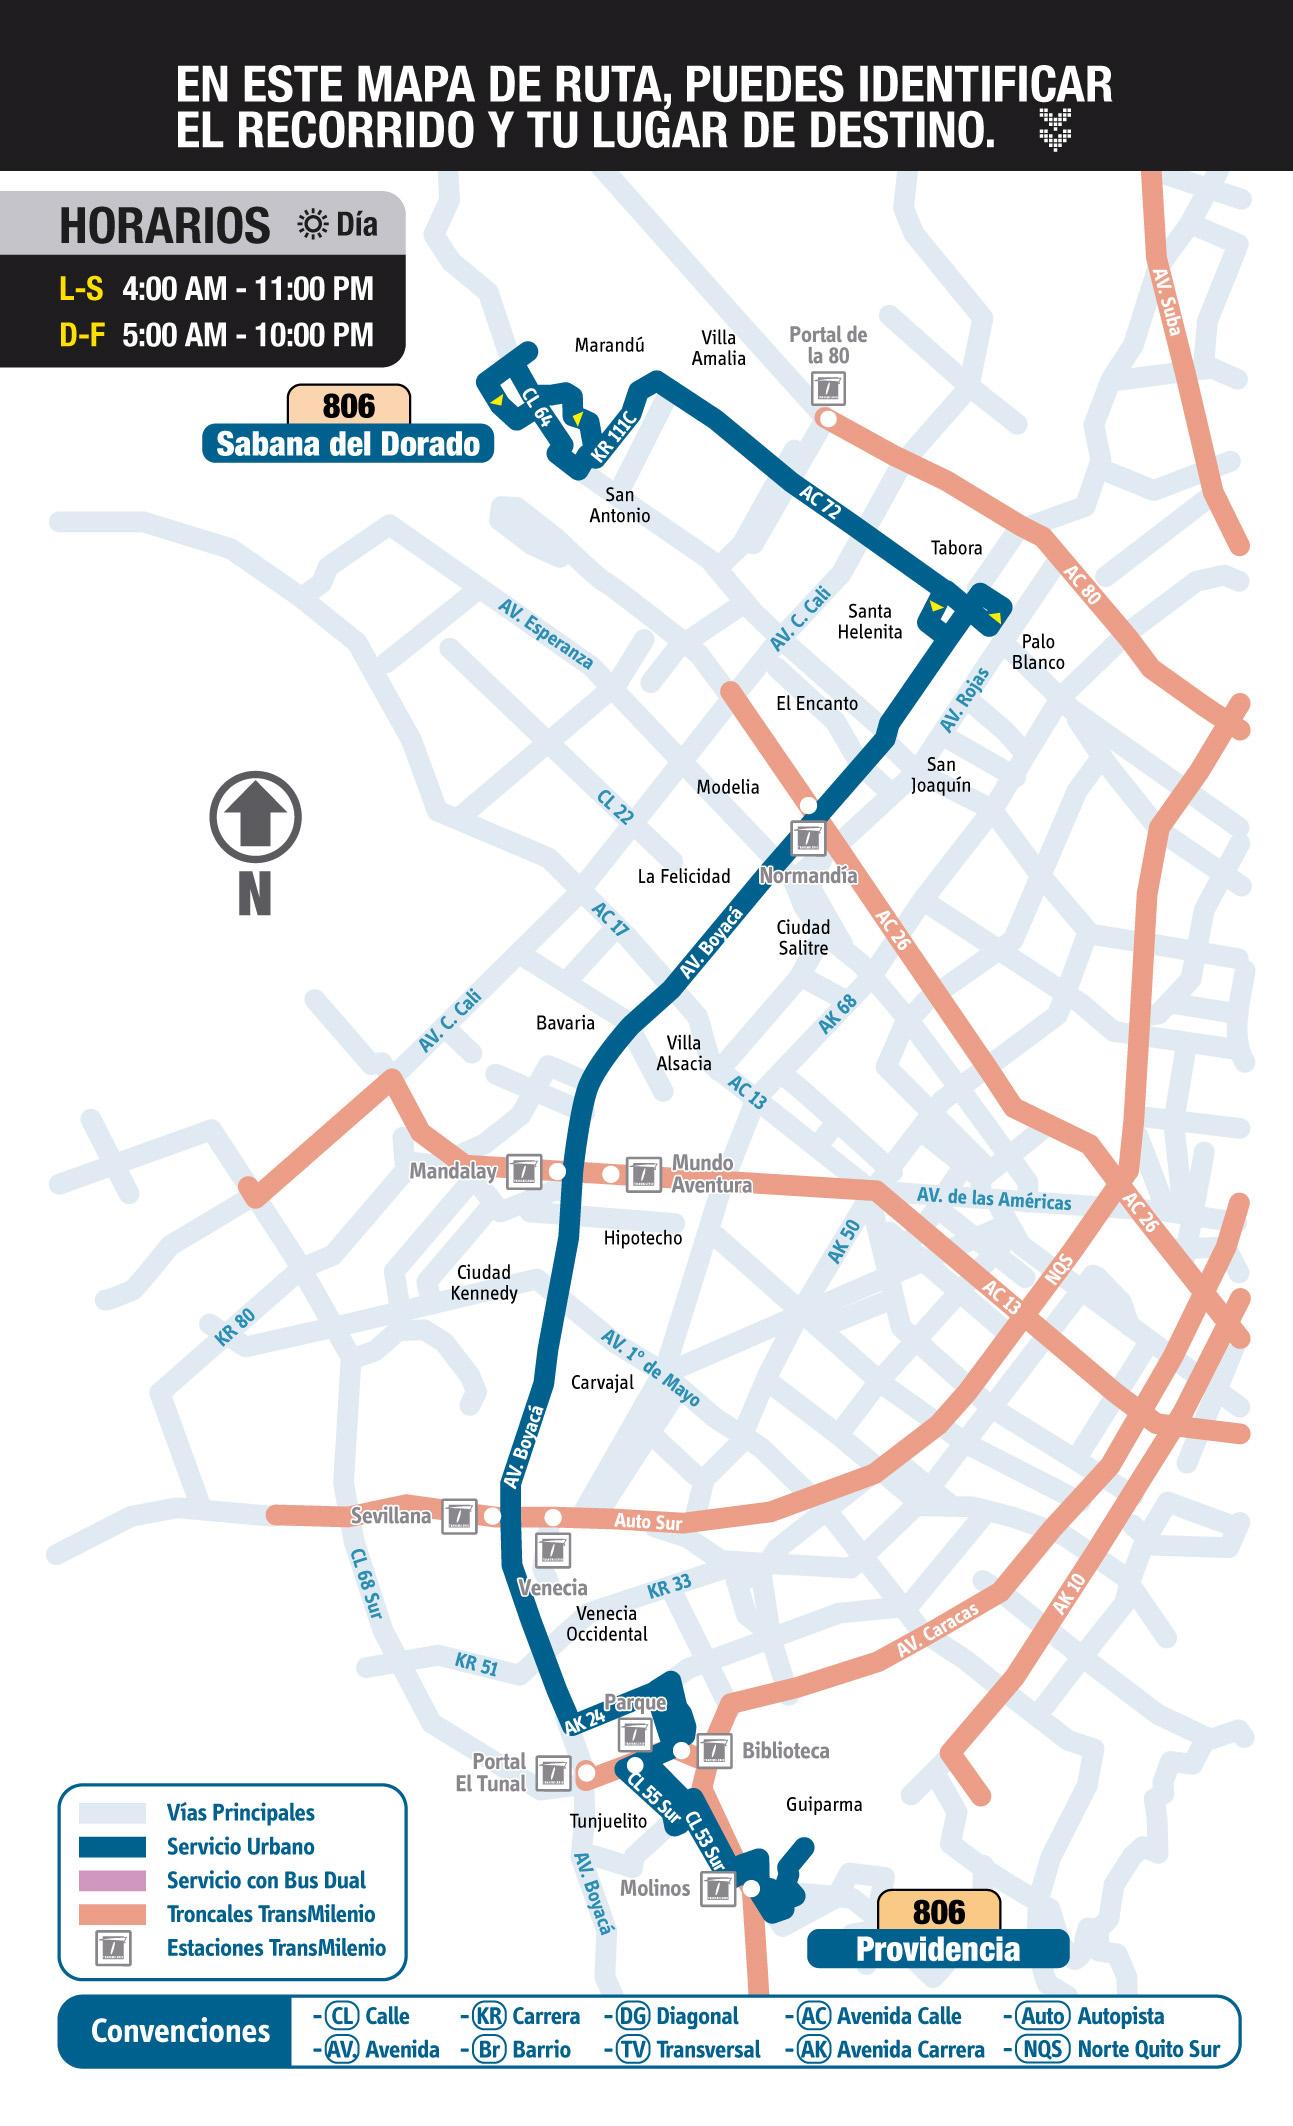 Mapa esquemático ruta urbana 806